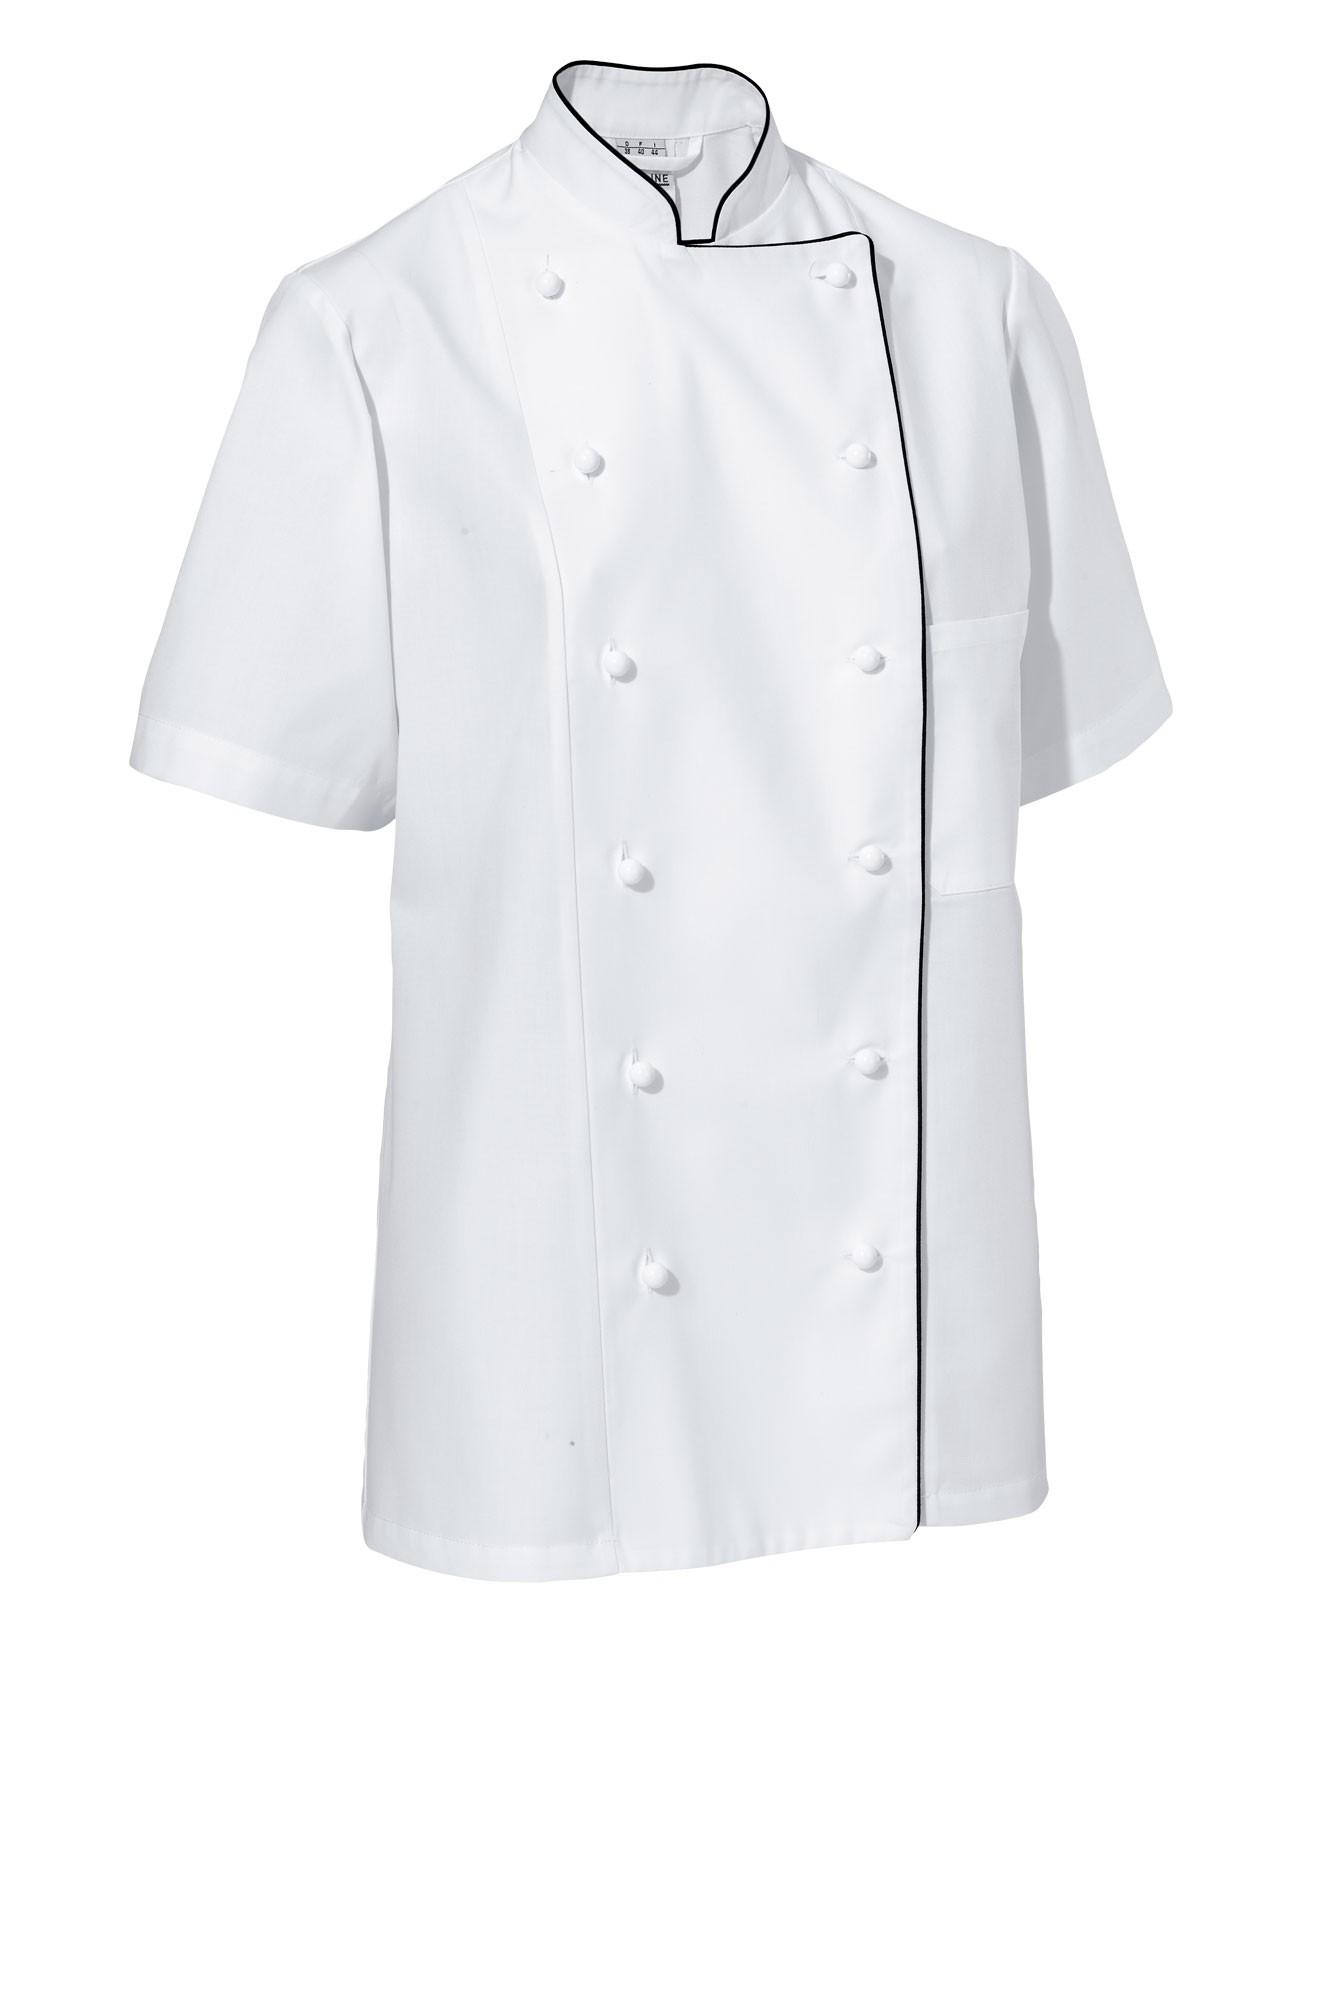 Rondon Aila - krátký rukáv - bílá/černé lemování